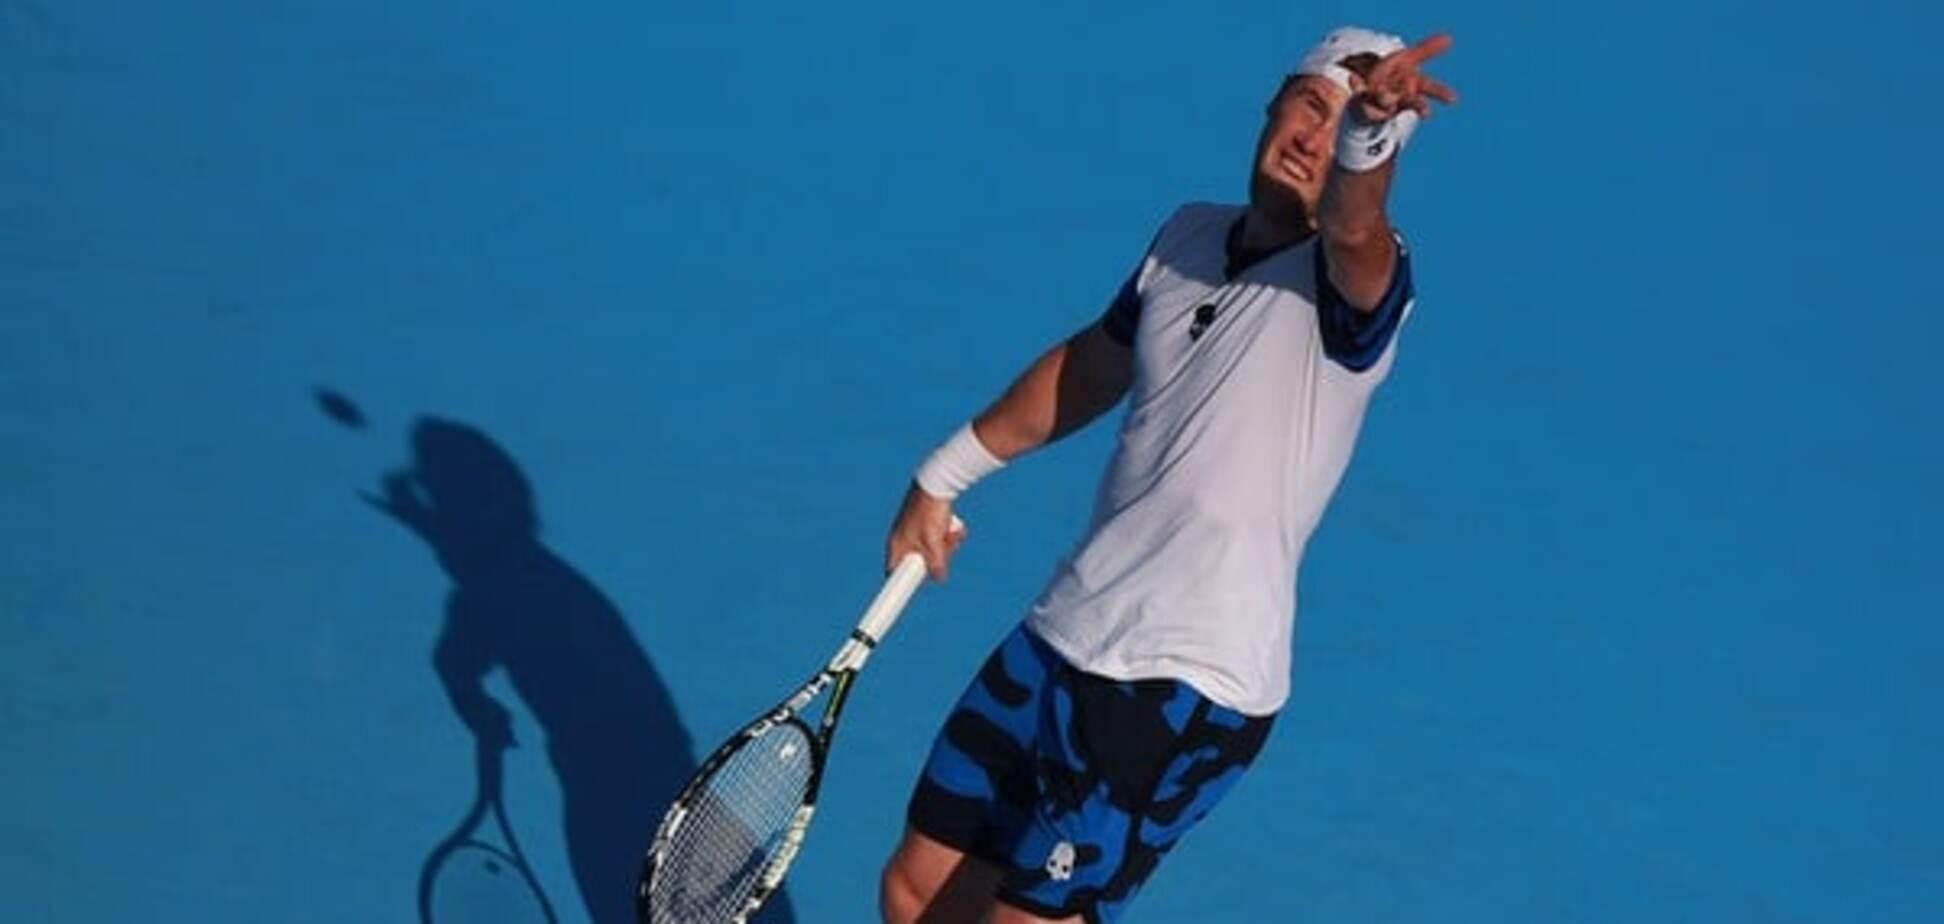 Украинец победил знаменитого российского чемпиона на теннисном супертурнире в США